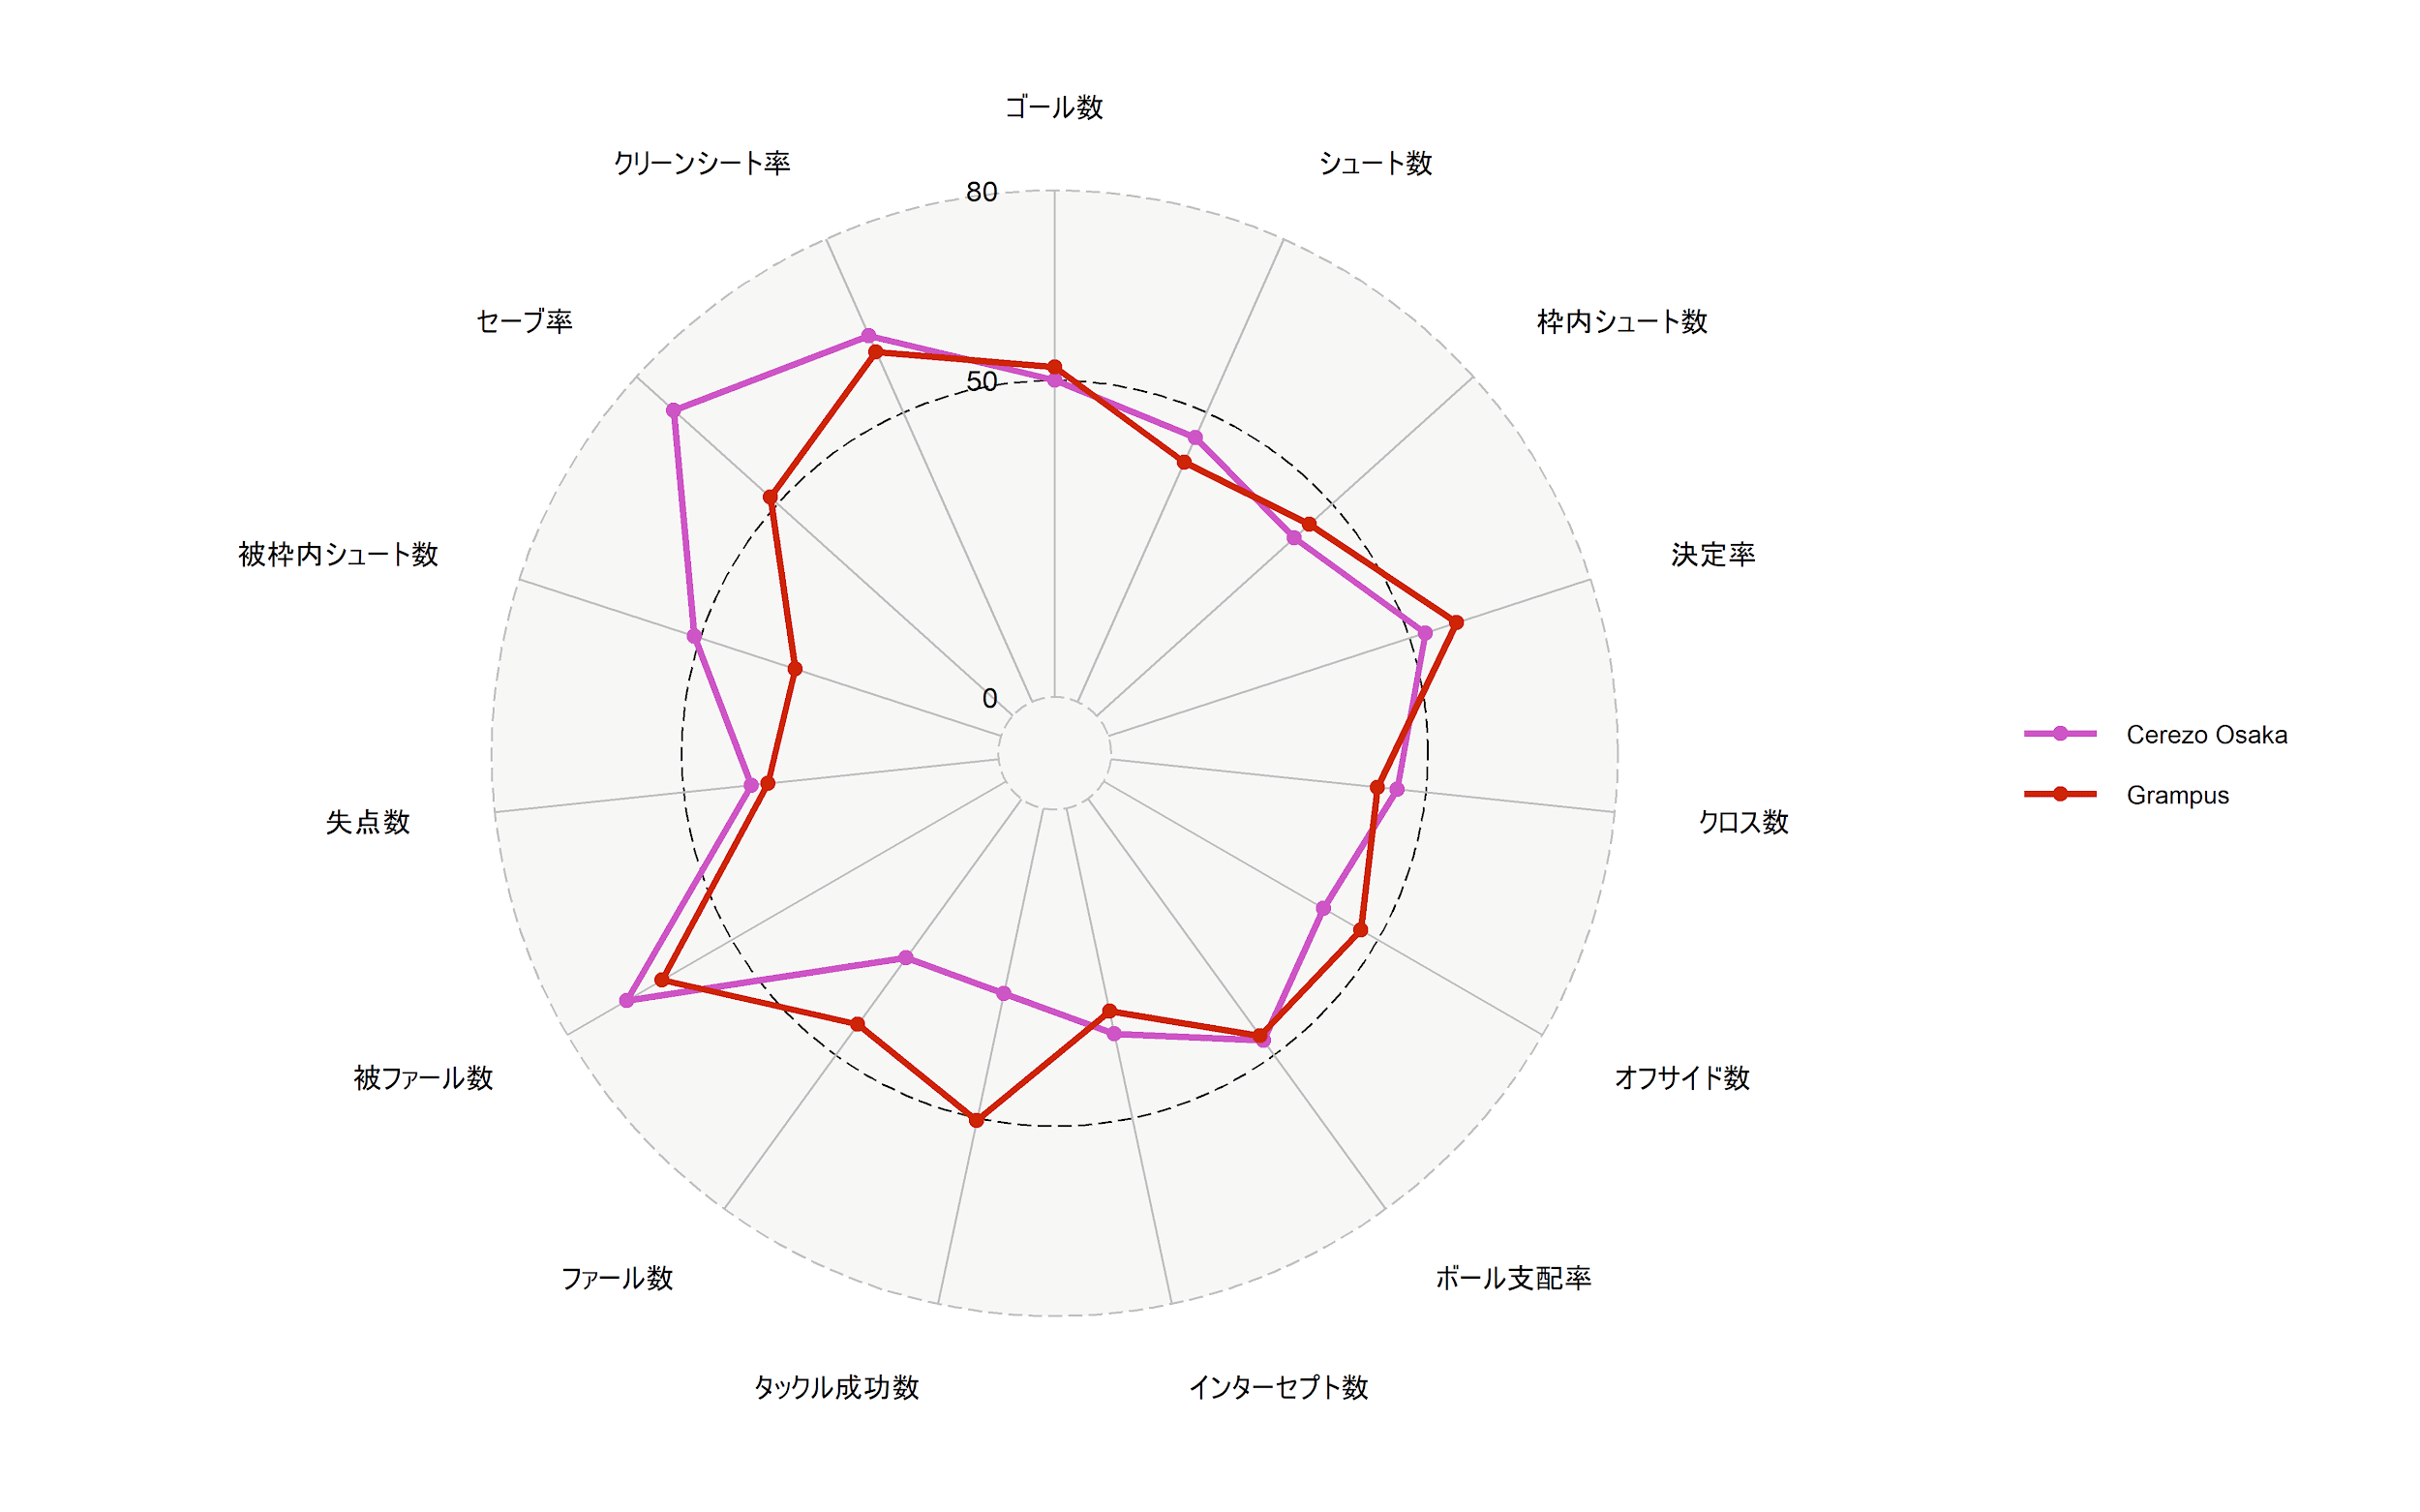 21節時点セレッソ大阪と名古屋グランパスのレーダーチャート